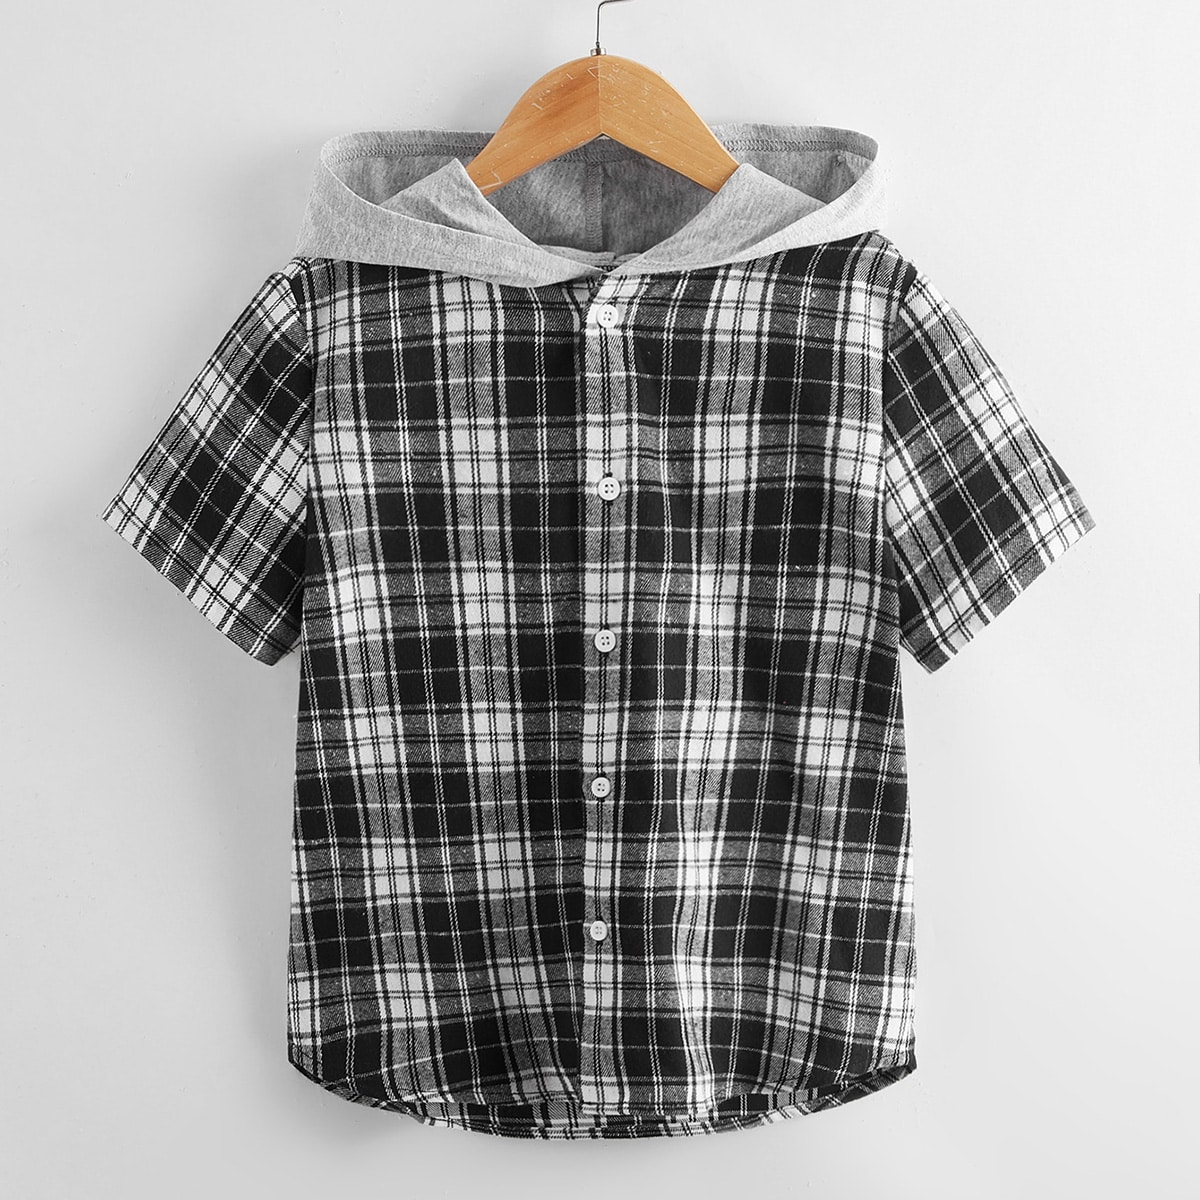 для мальчиков Рубашка контрастный с капюшоном в клетку